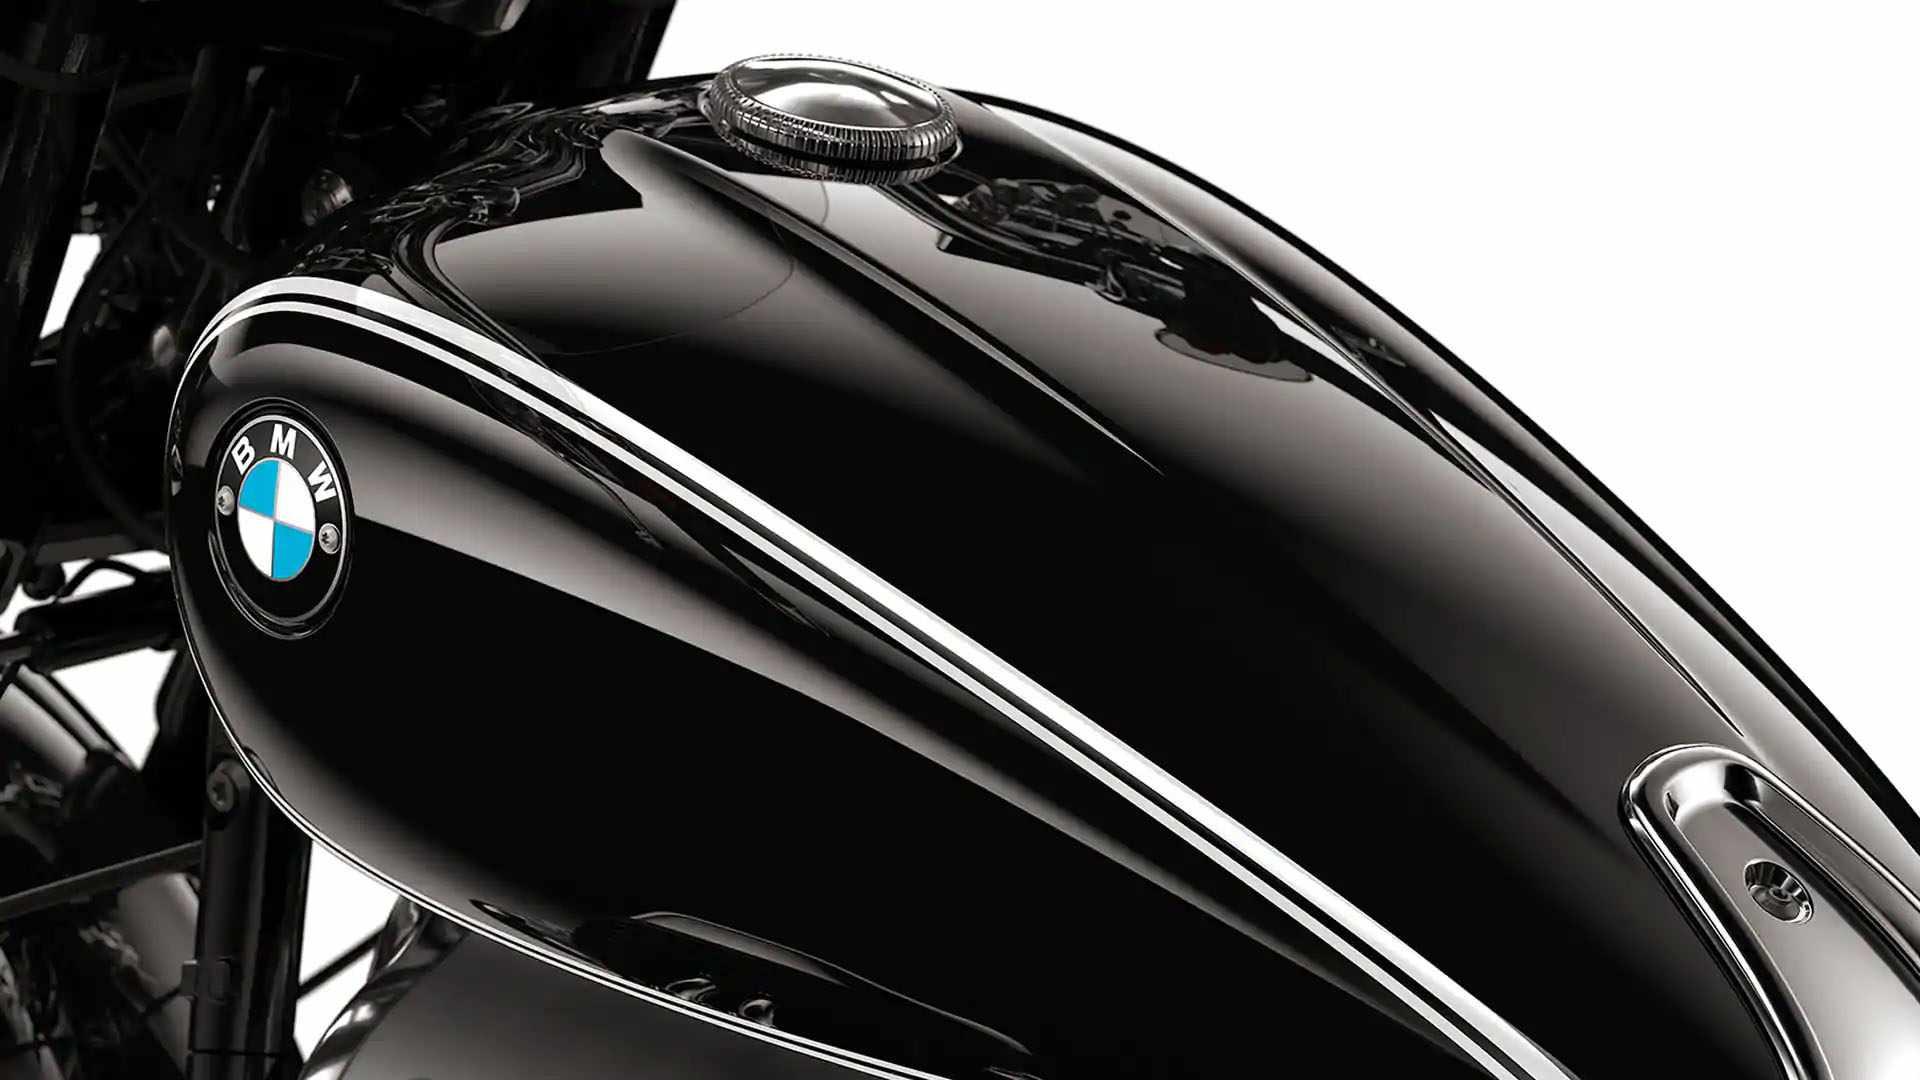 Serbatoio nero con rigatura doppia e logo avvitato